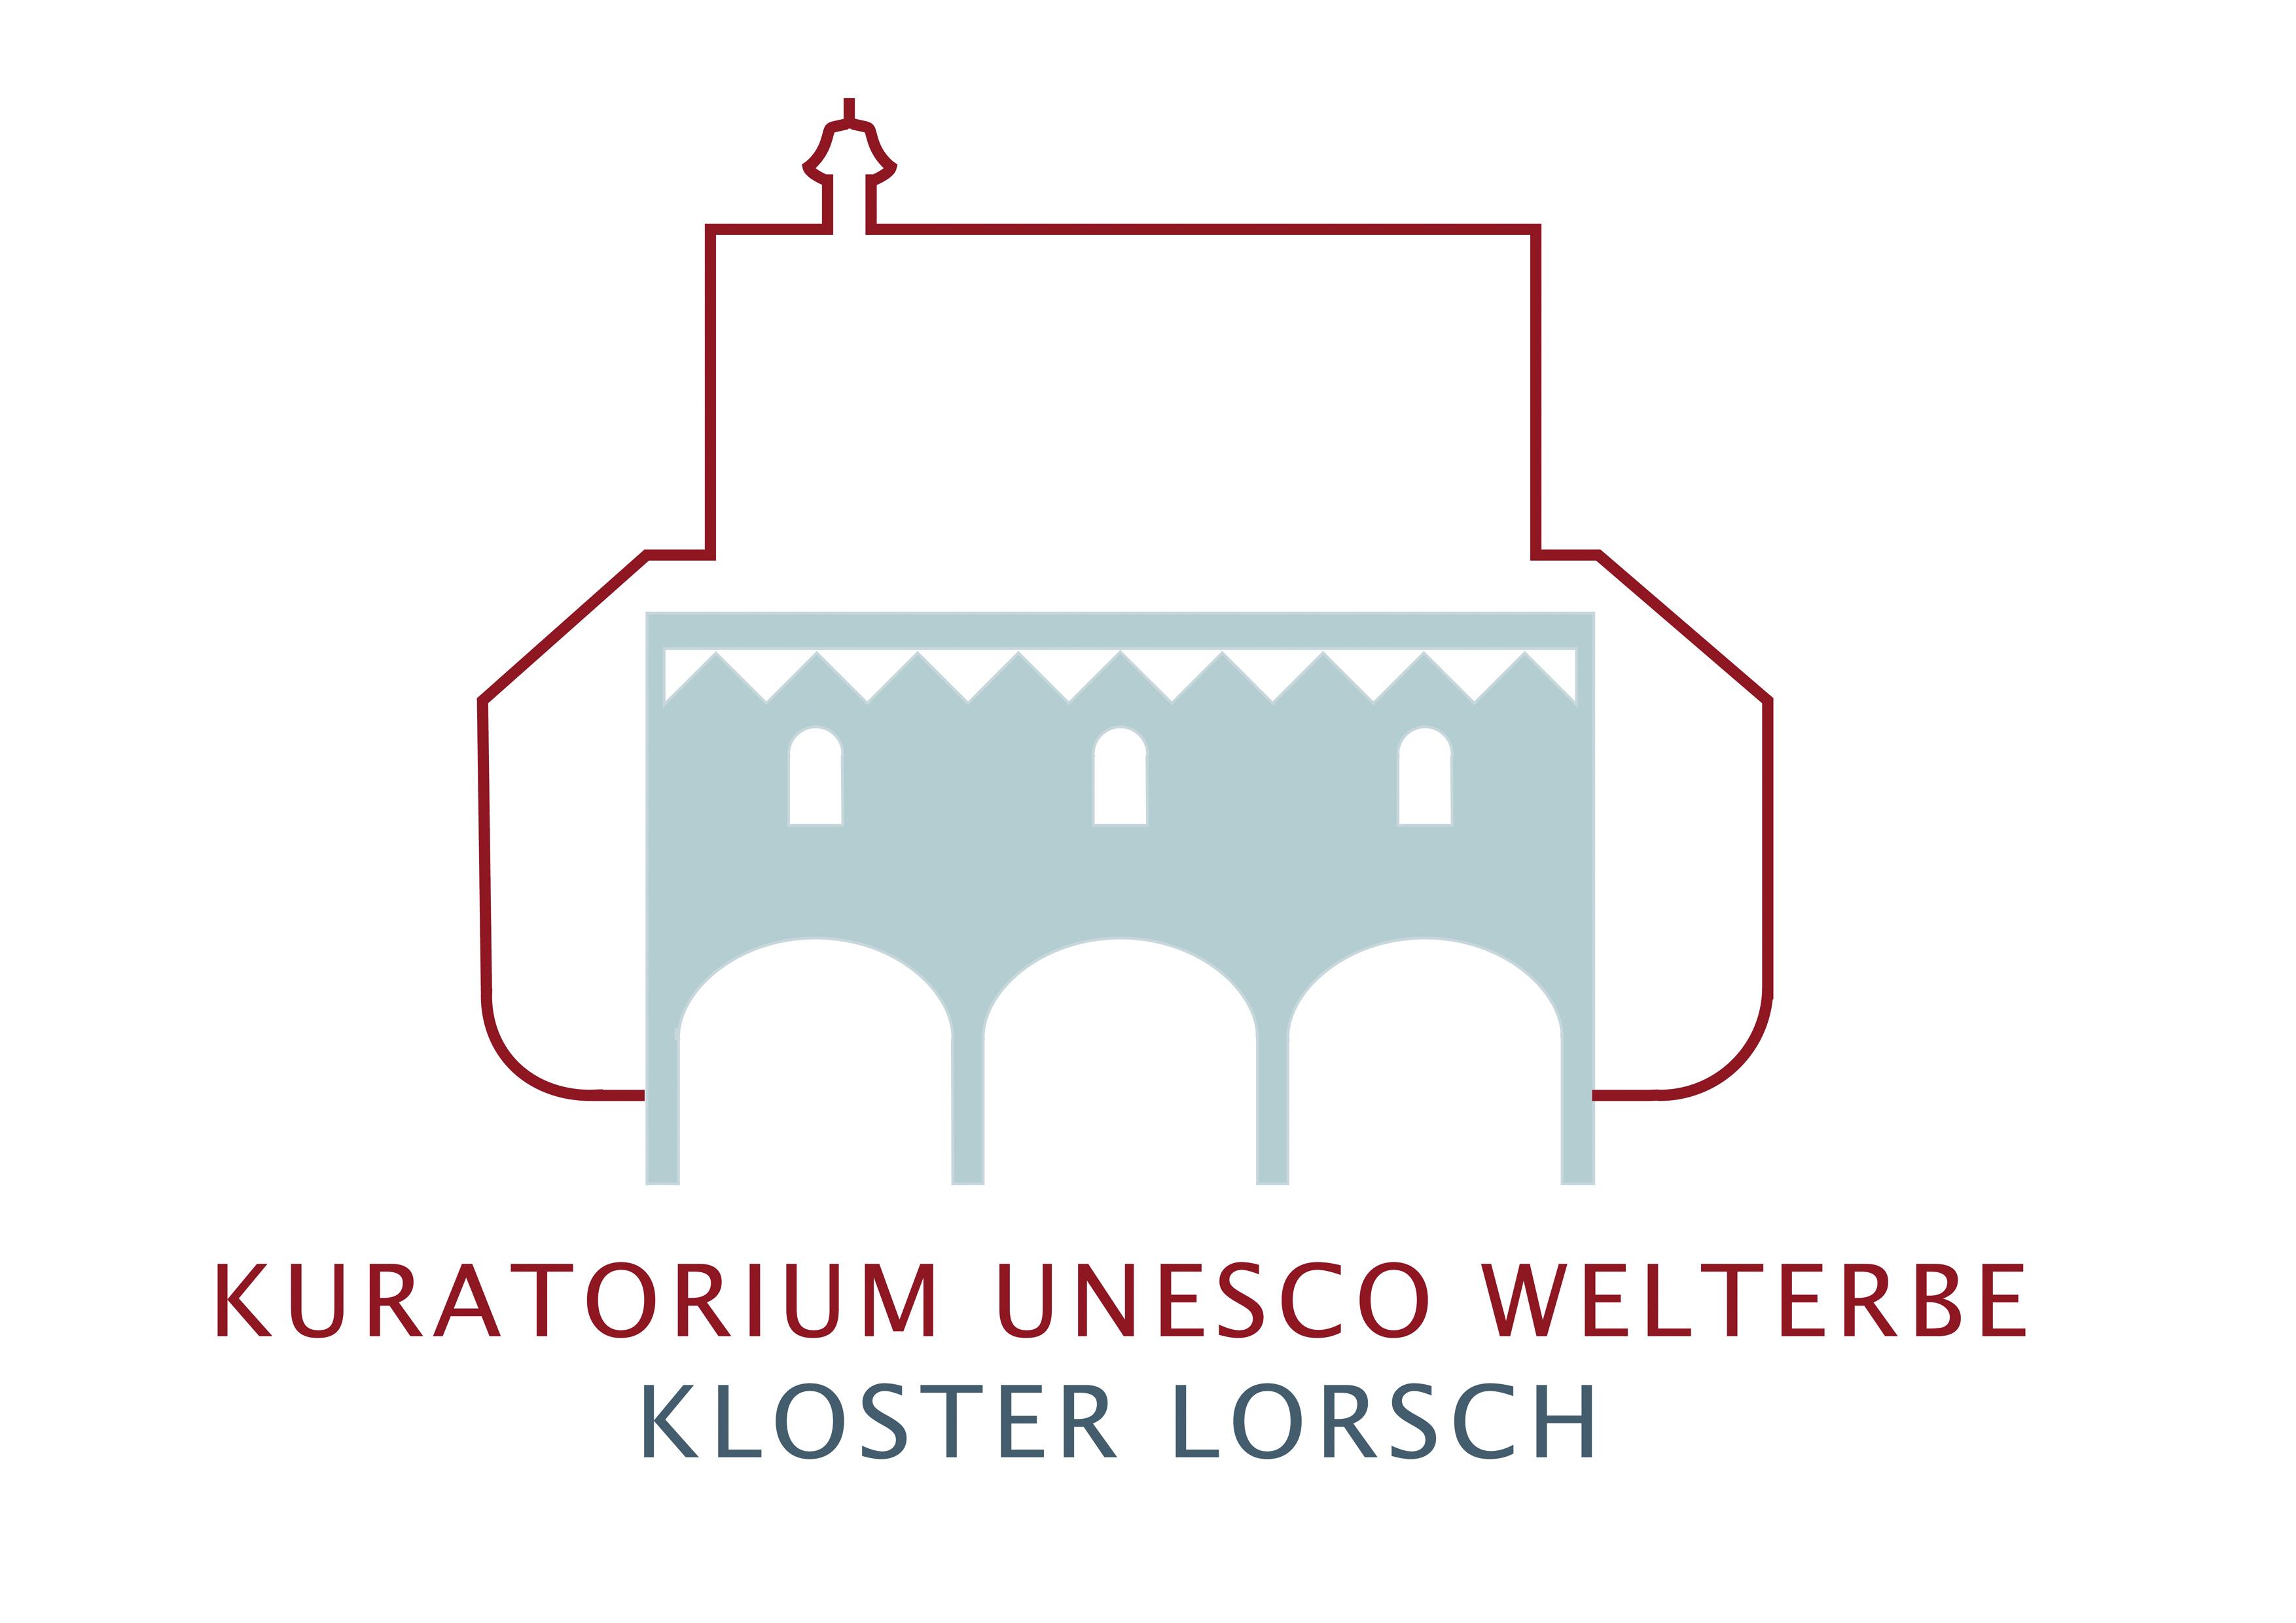 Kura_U_W_K_Lorsch_Logo2016CMYK.jpg